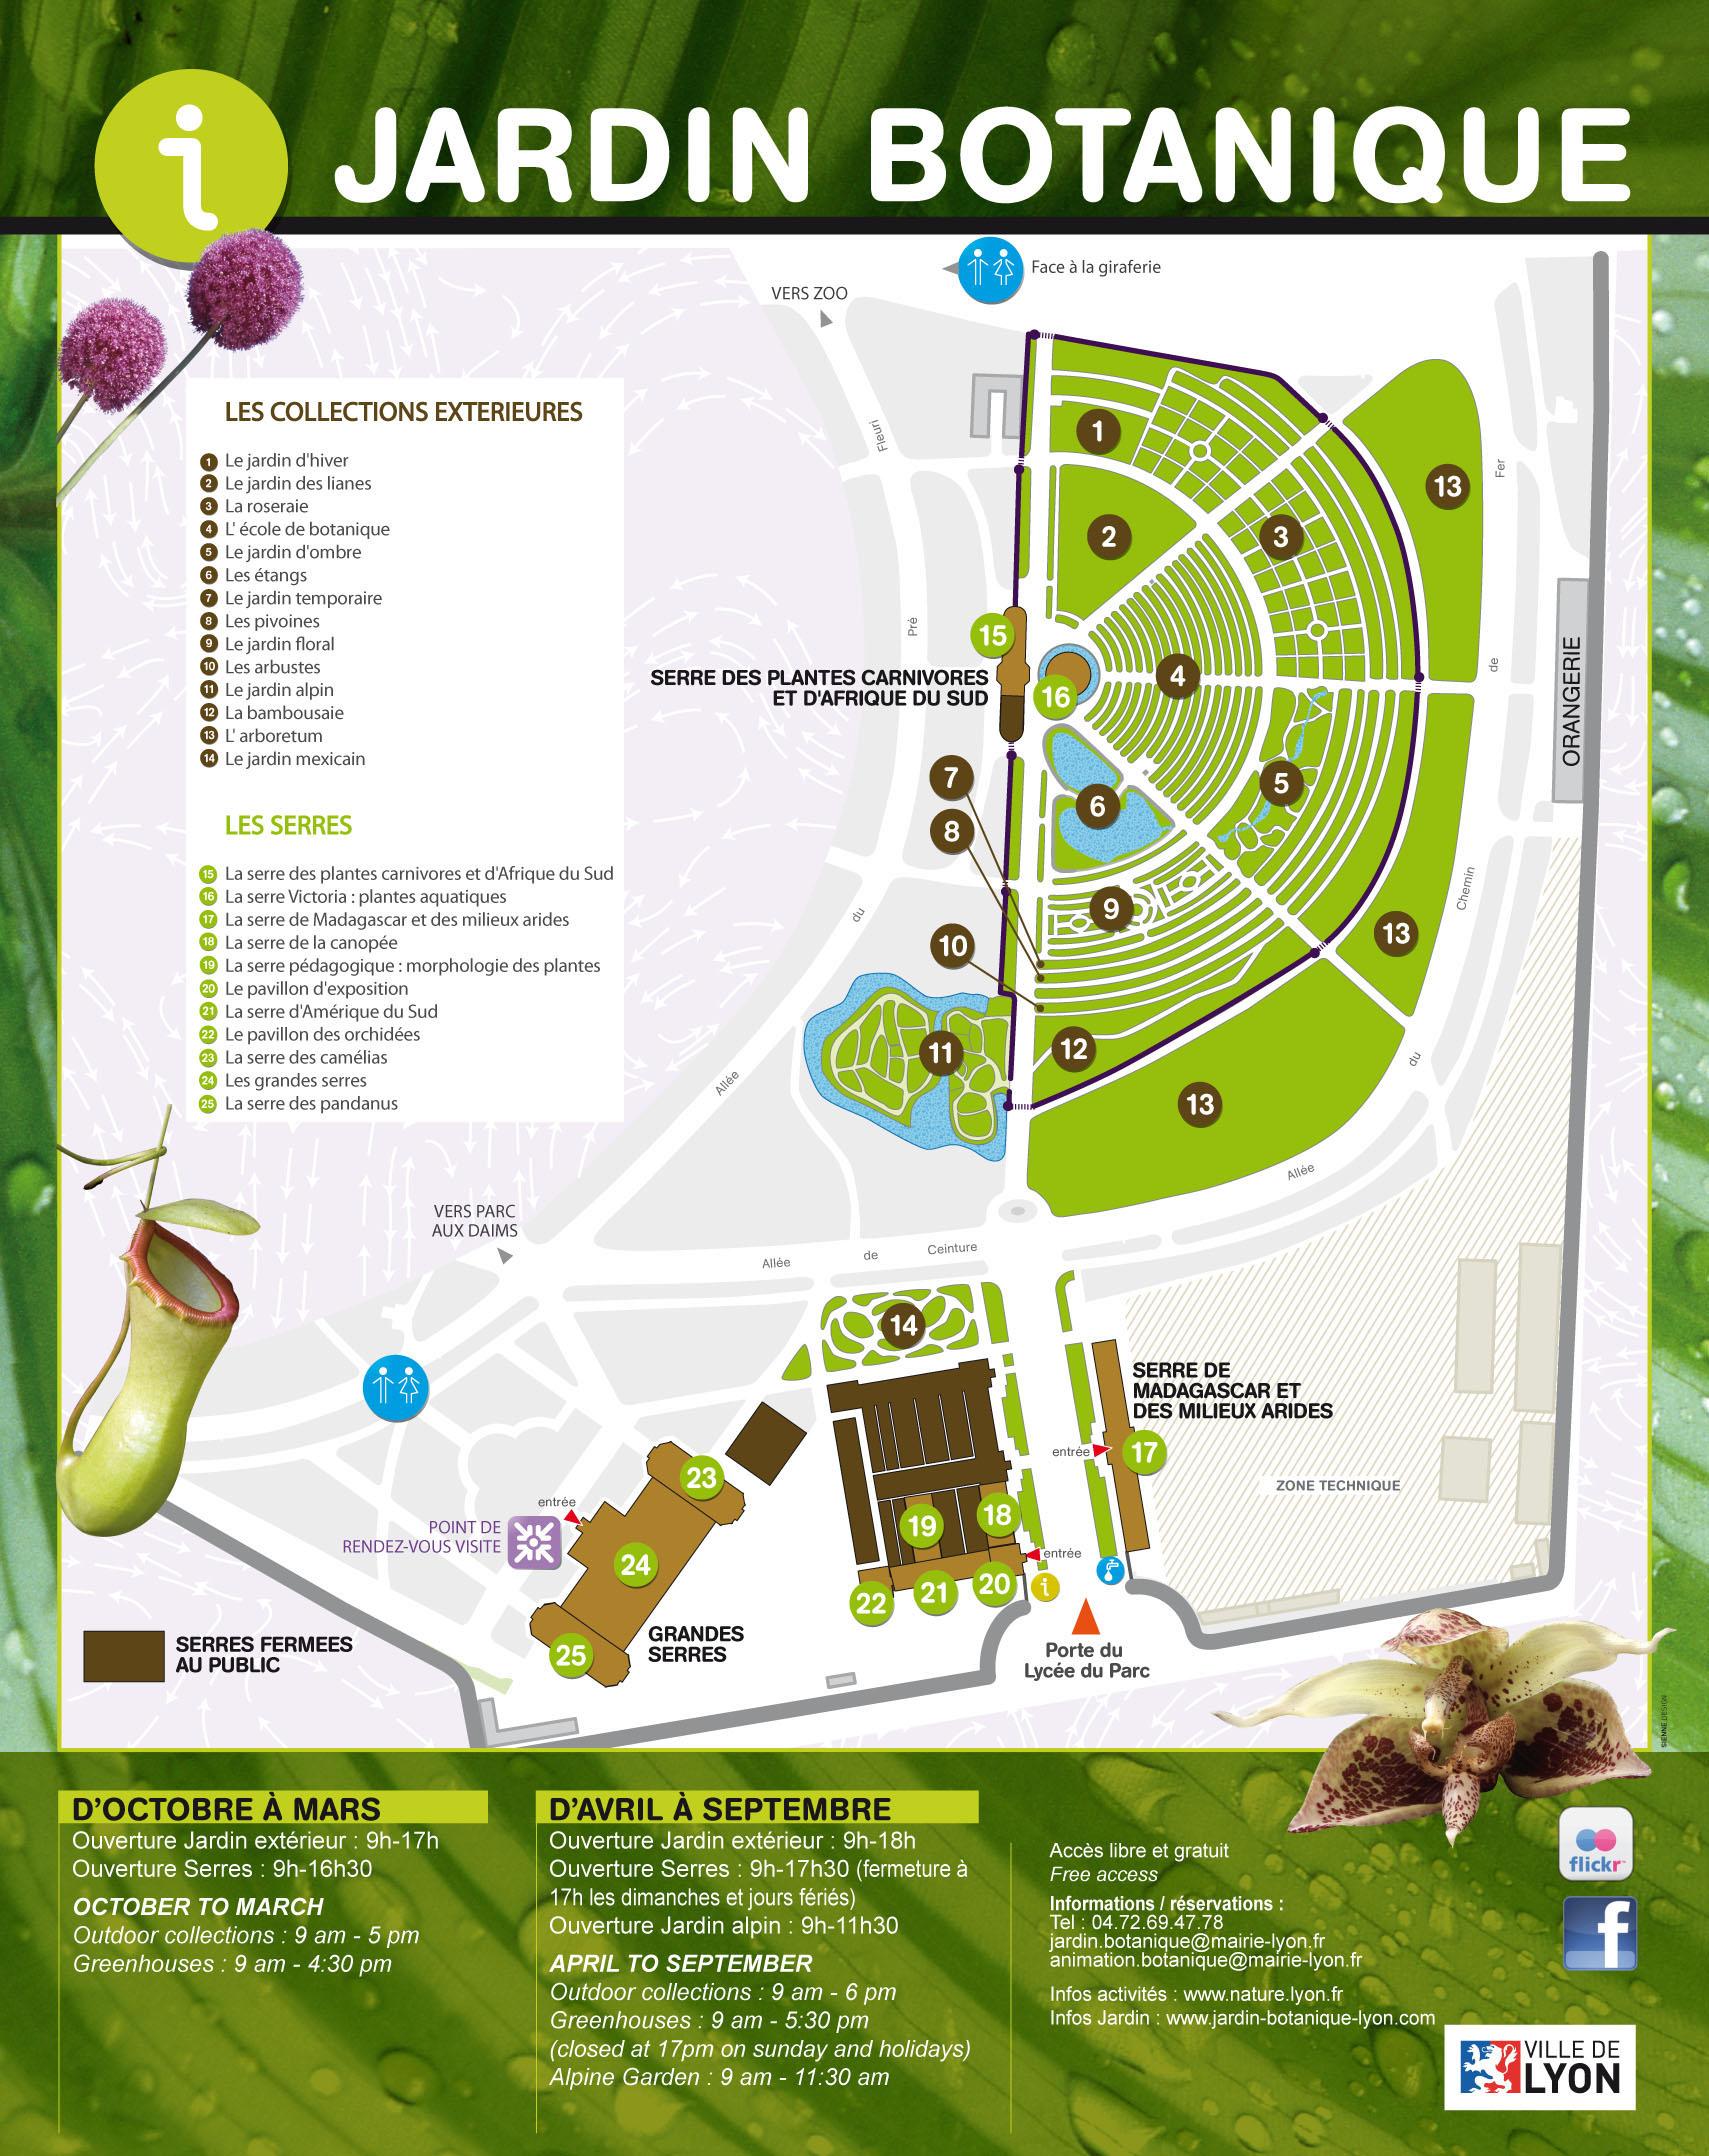 Parc de la t te d 39 or la serre malgache celoushka for Jardin botanique lyon